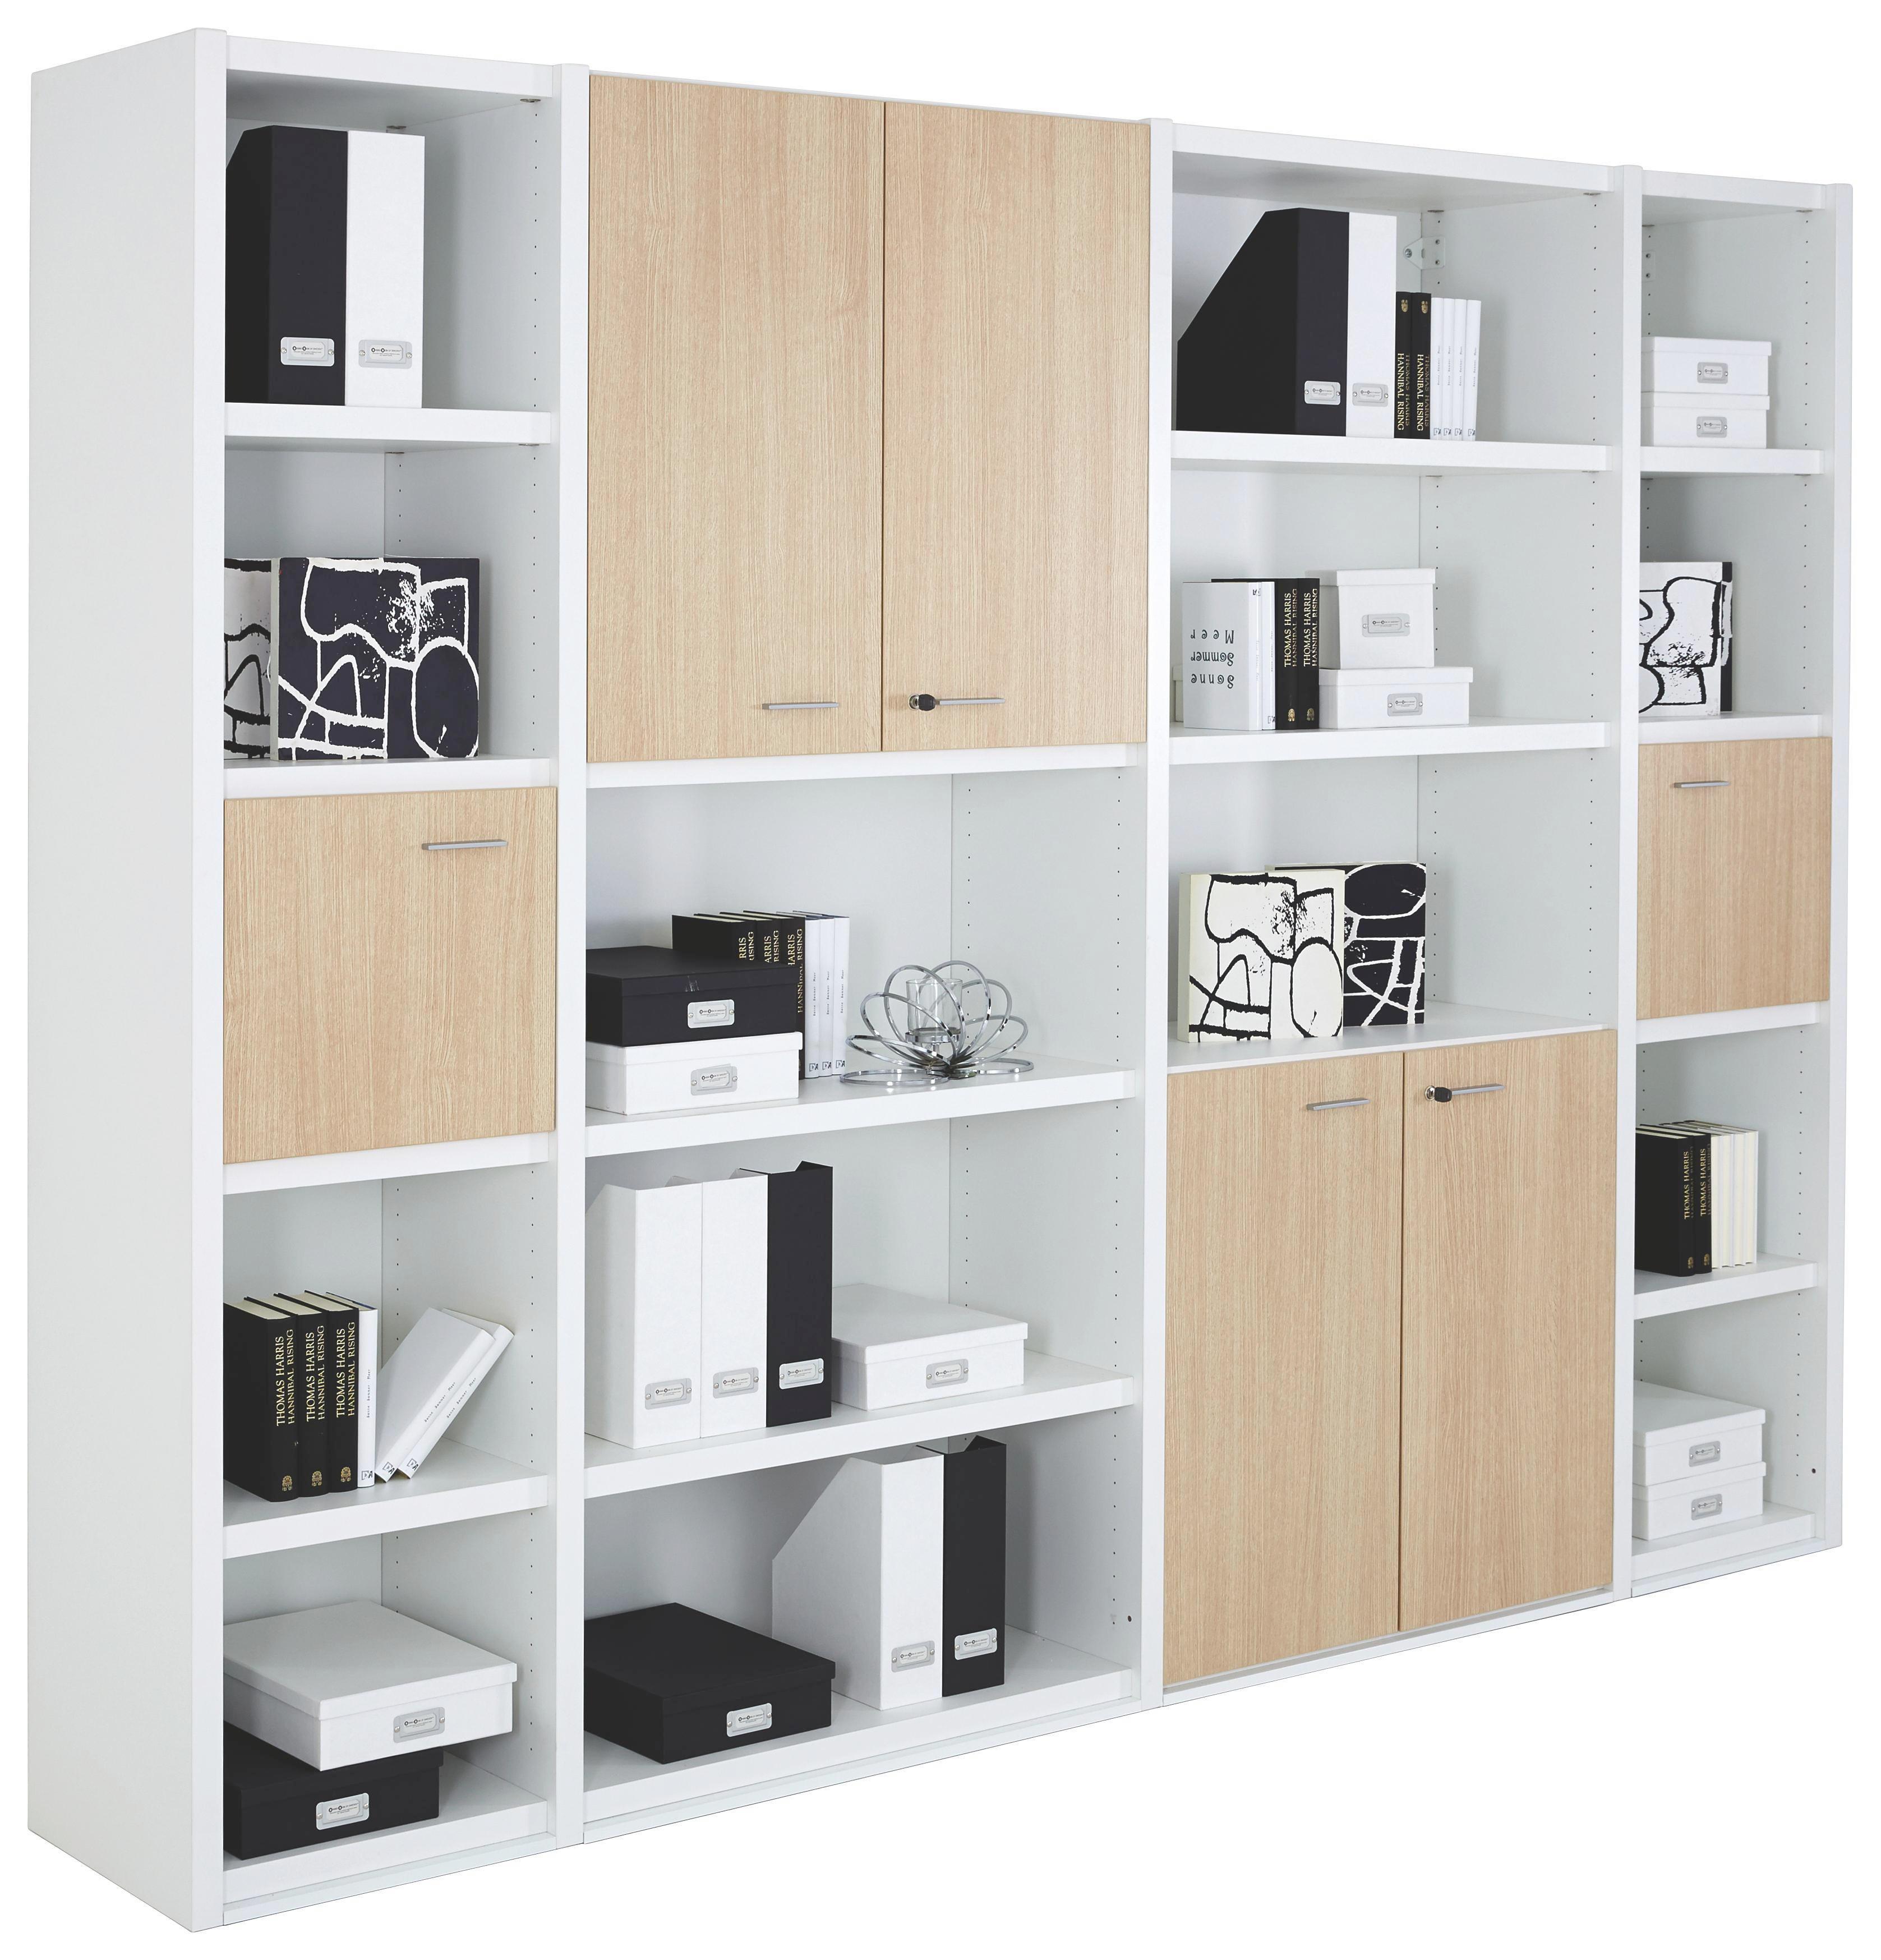 Büromöbel | Arbeitszimmer-Möbel & Büromöbel im Set | XXXLutz